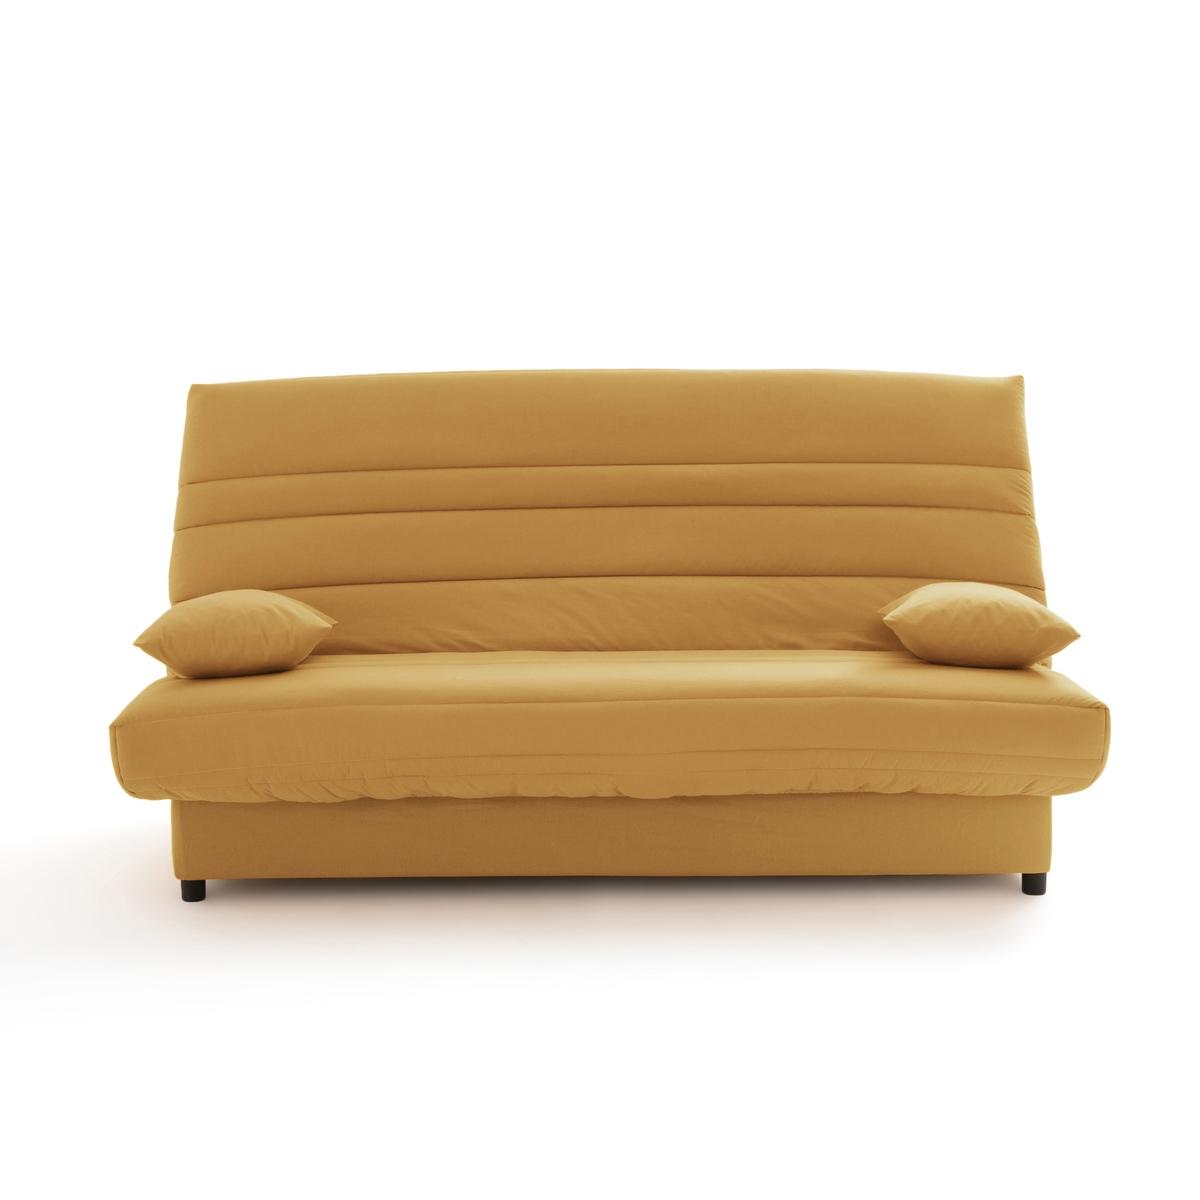 Чехол La Redoute Натяжной для дивана-книжки и складной тумбы усовершенствованная модель 140 x 190 см желтый